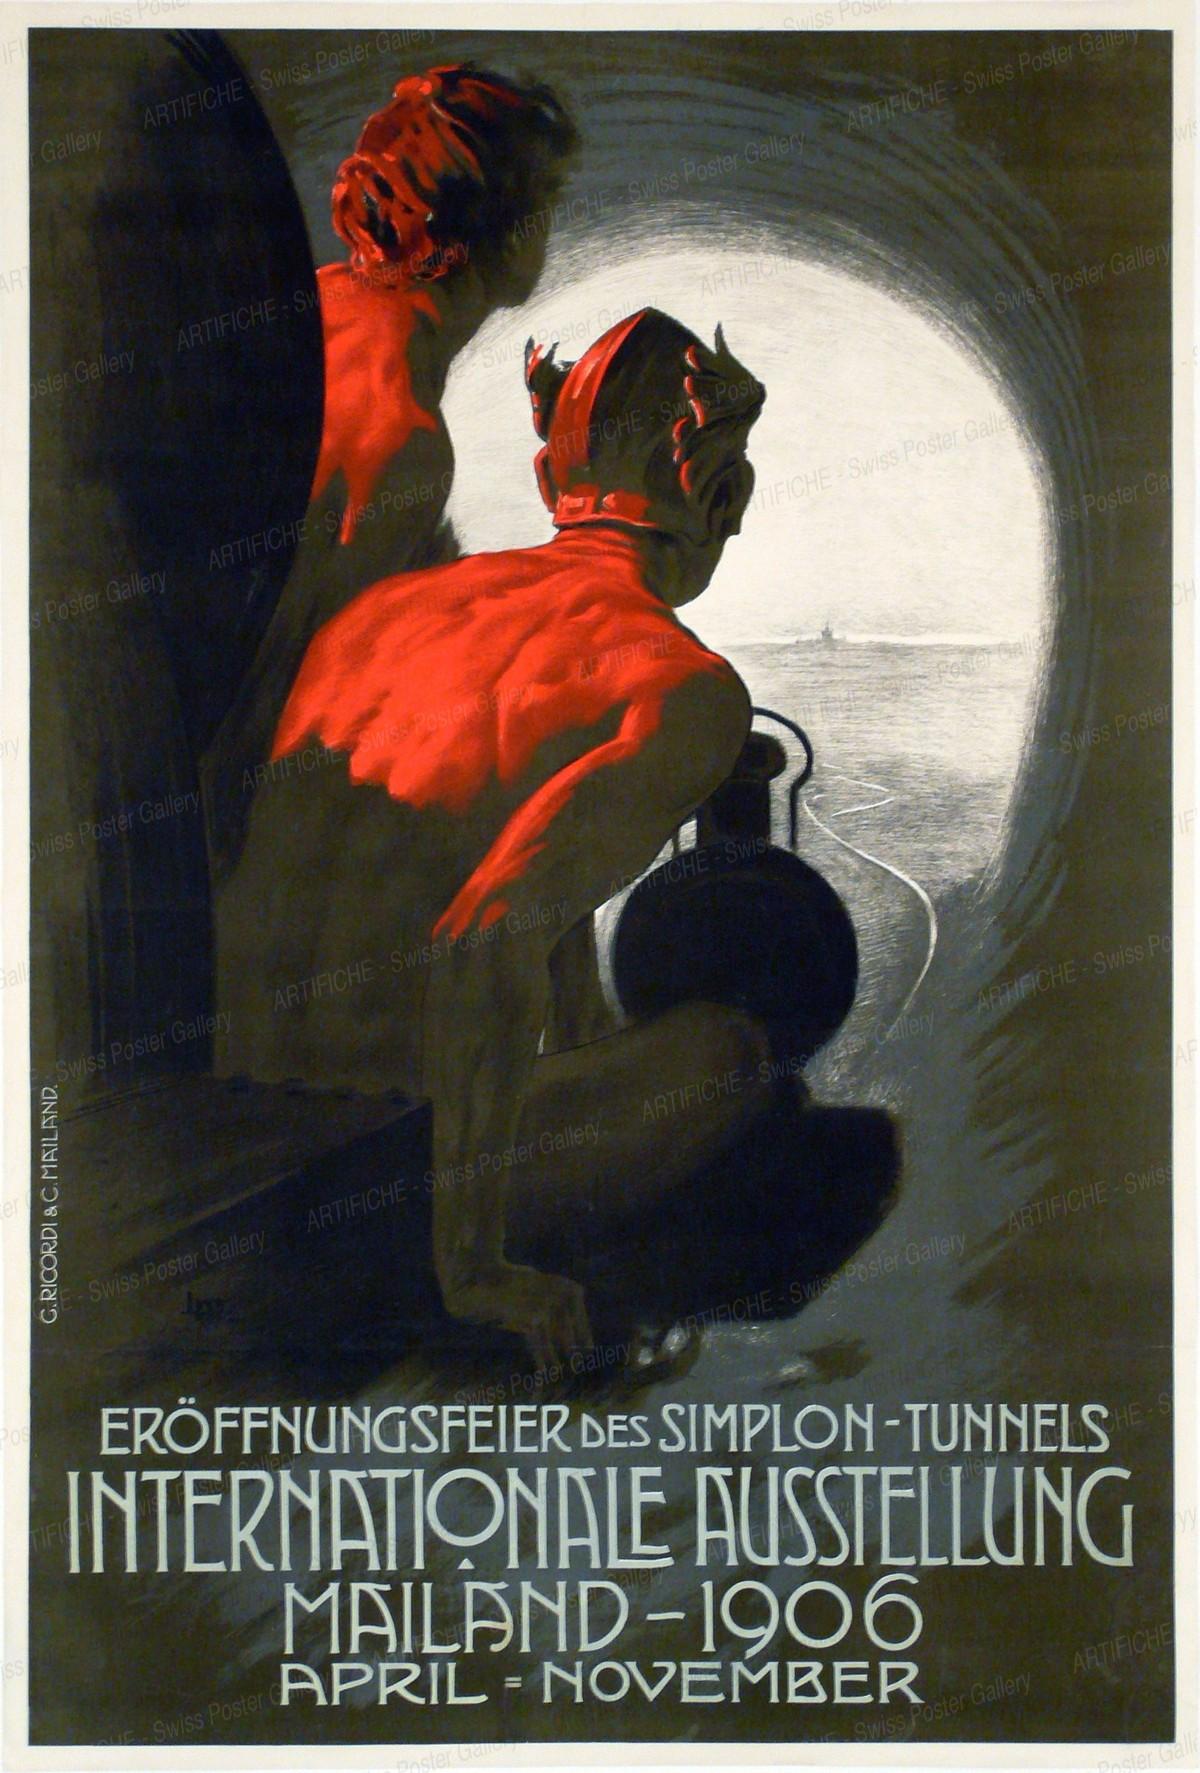 Eröffnungsfeier des Simplon-Tunnels – Internationale Ausstellung Mailand 1906, Leopoldo Metlikovitz